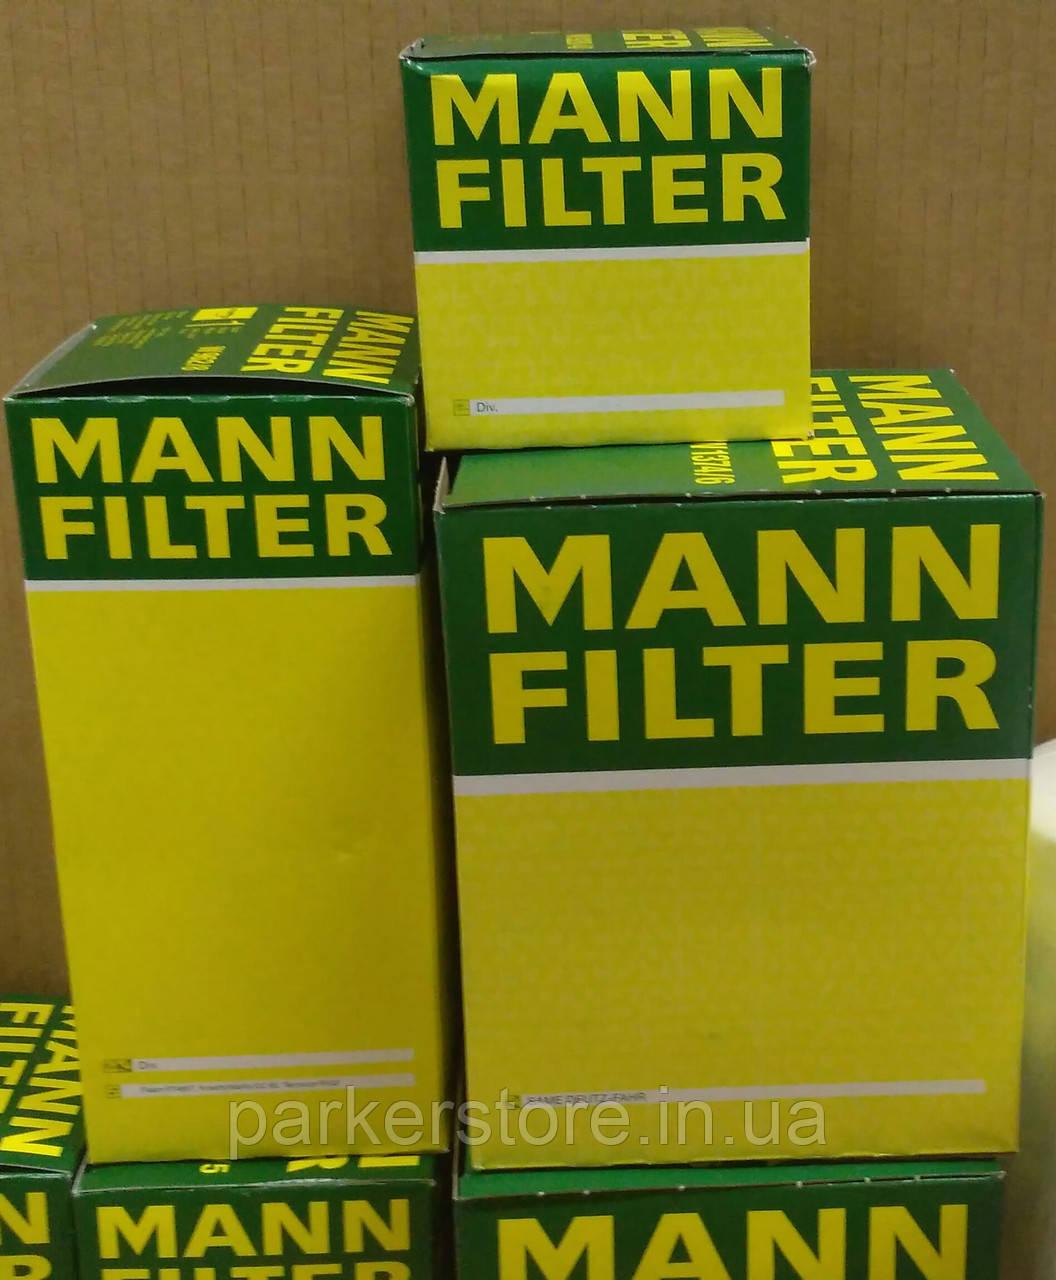 MANN FILTER / Повітряний фільтр / C 1450 / C1450